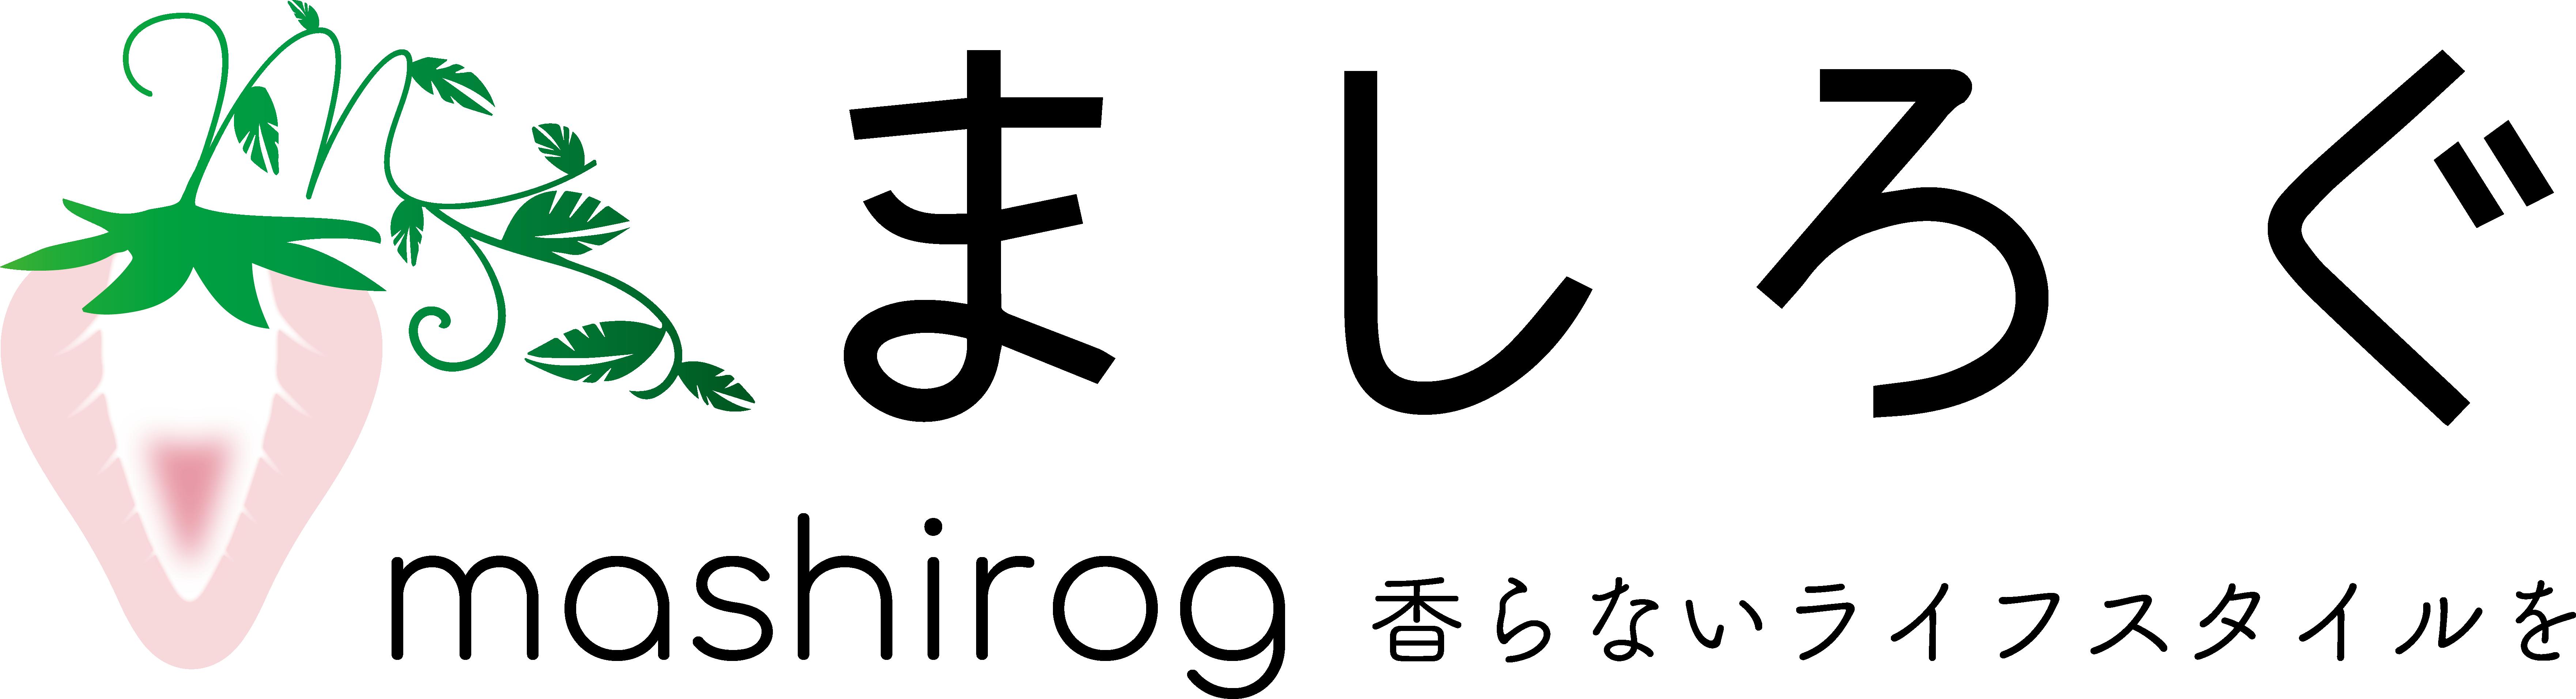 masirog(ましろぐ)